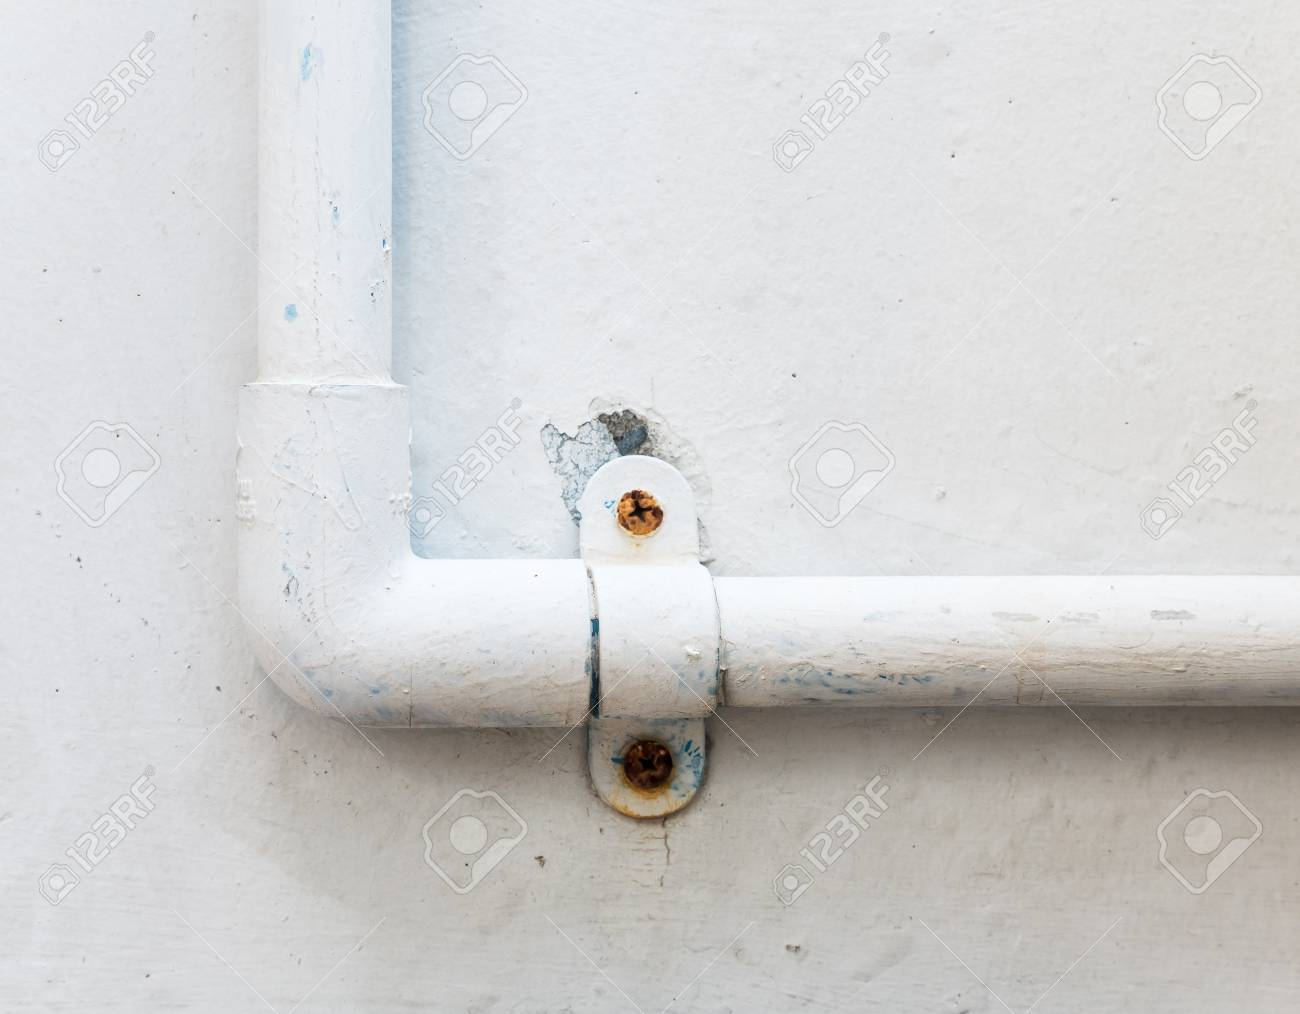 Weisse Pvc Rohr An Der Wand Fur Den Wasserhahn Im Stadthaus